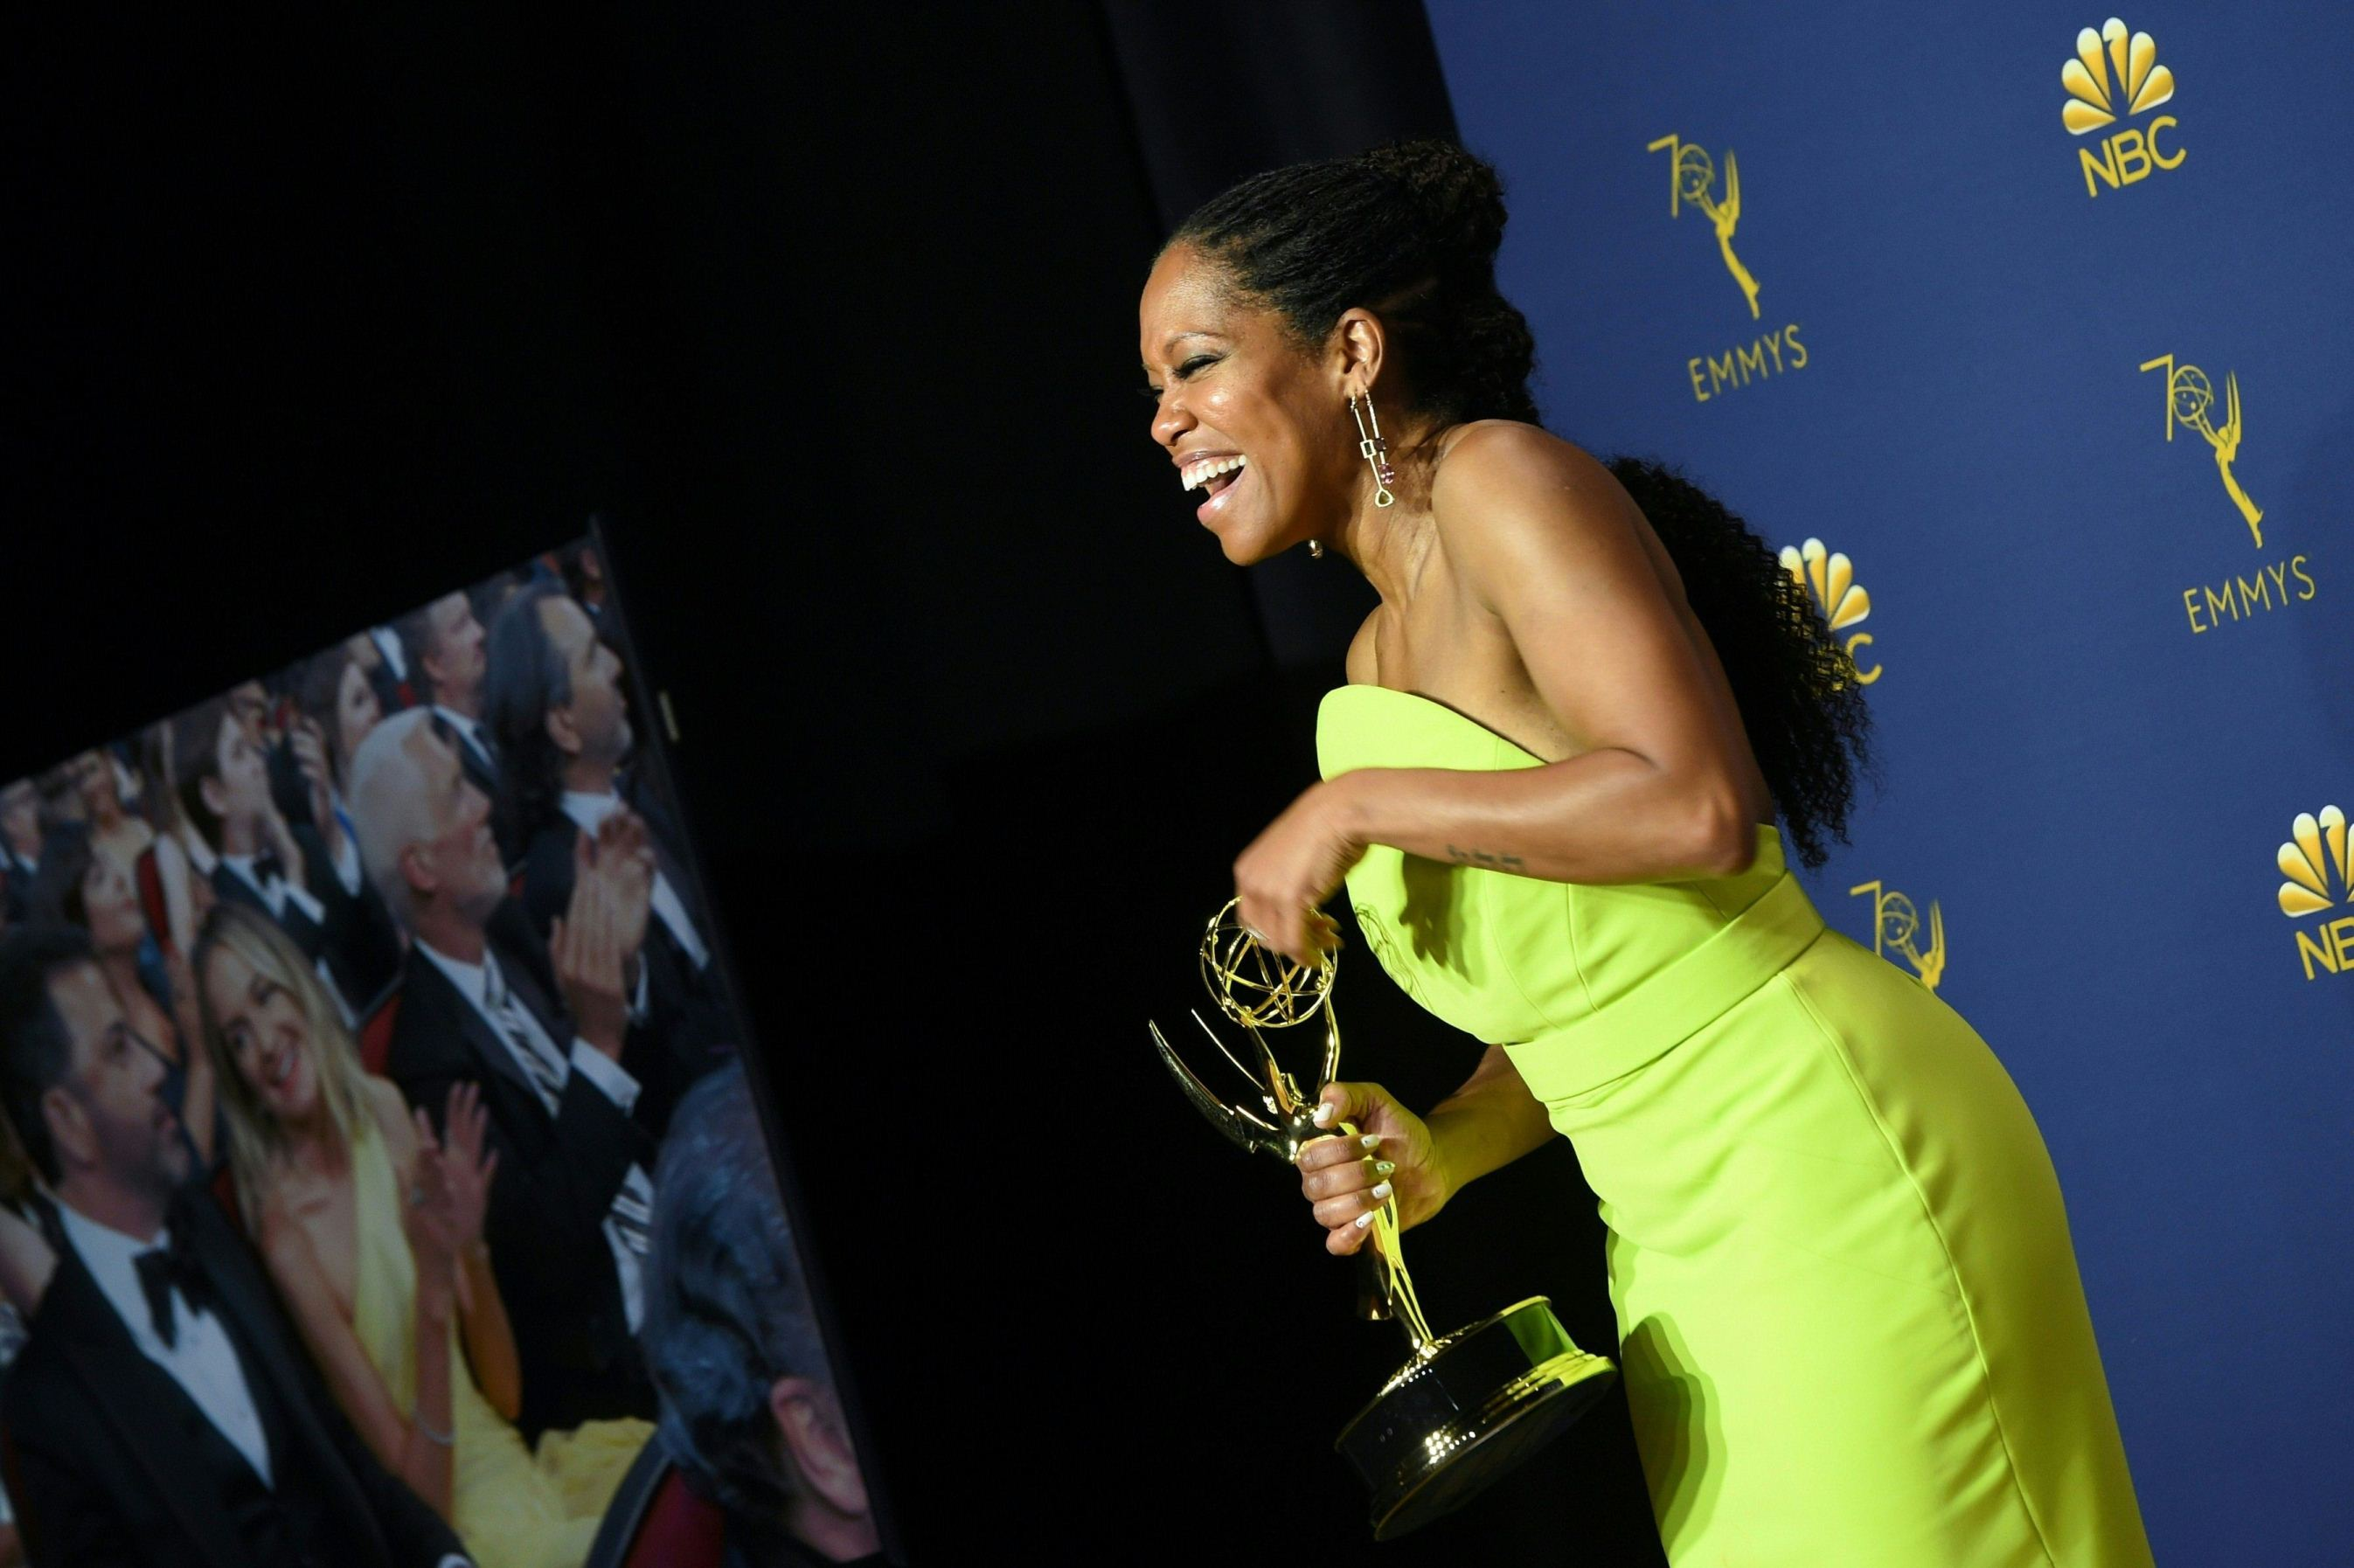 Baja audiencia y acusaciones de racismo en los premios Emmy